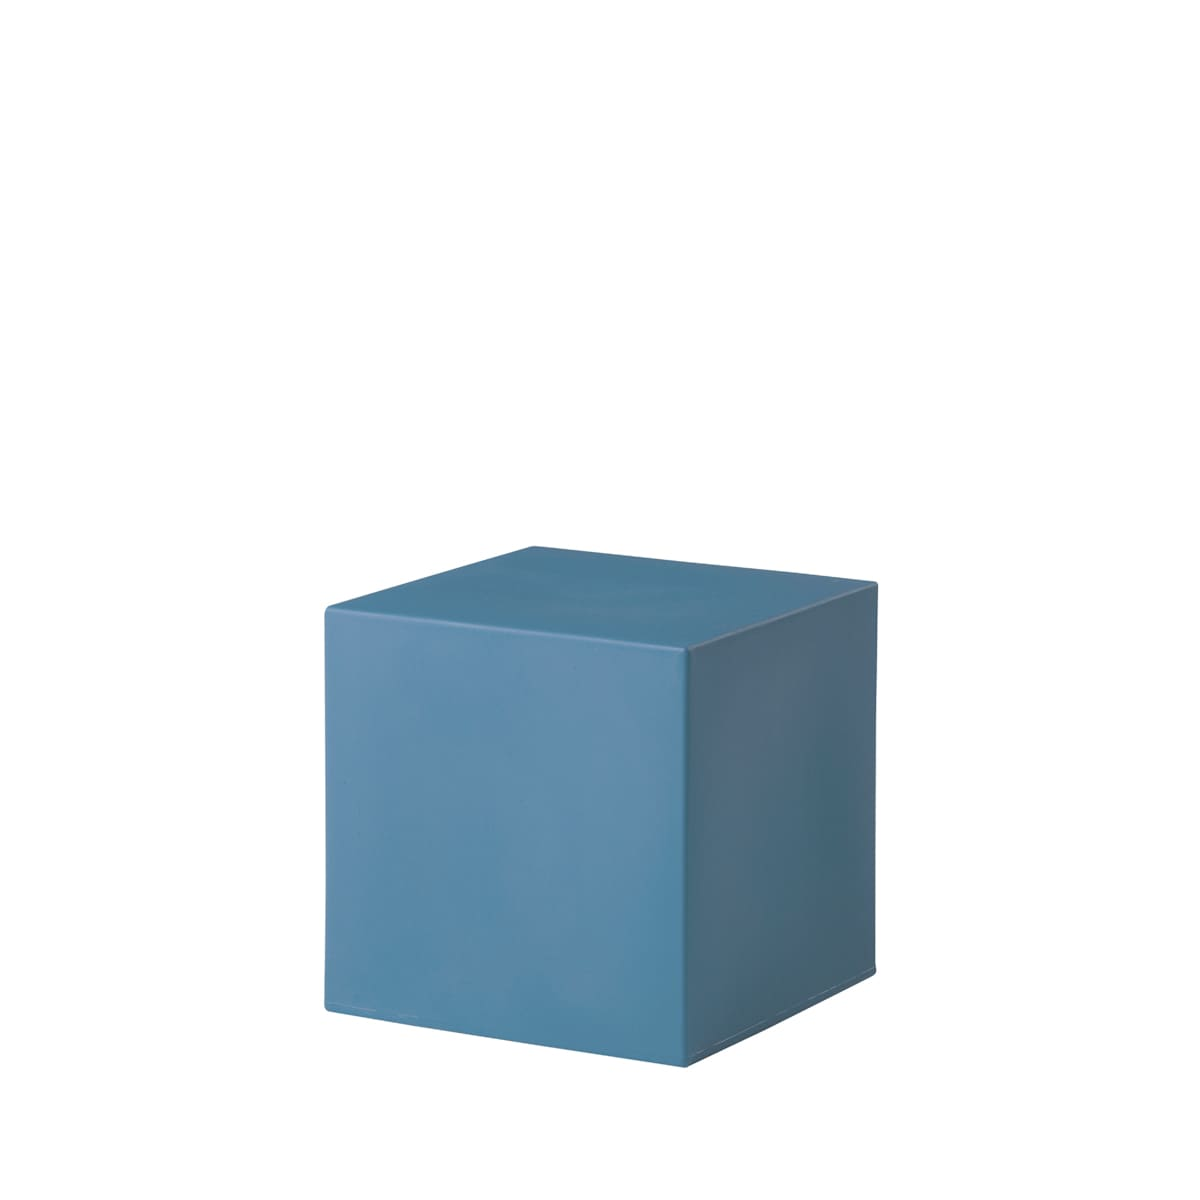 cube würfel blau Bunte Wuerfel Outdoor - Cube Würfel beleuchtet